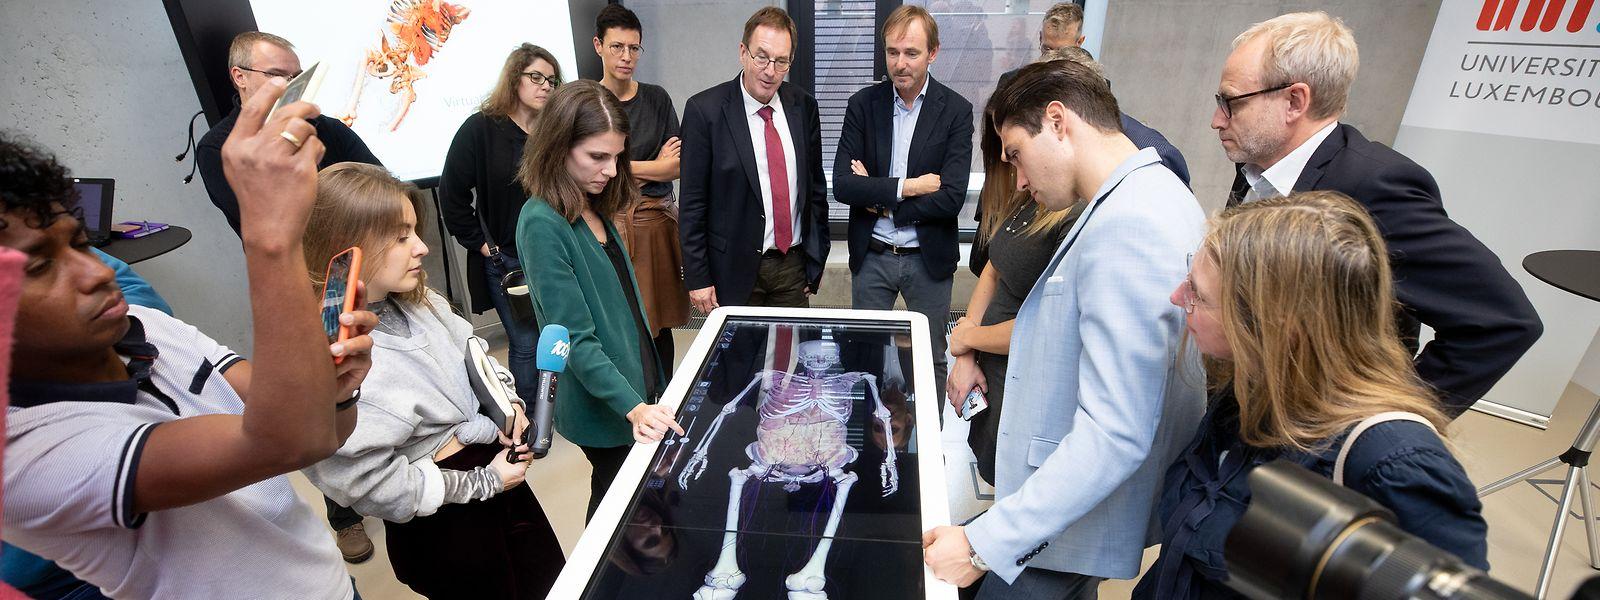 Zahlreiche Interessierte waren zur Präsentation des neuen Anatomie-Tisches an die Universität gekommen.